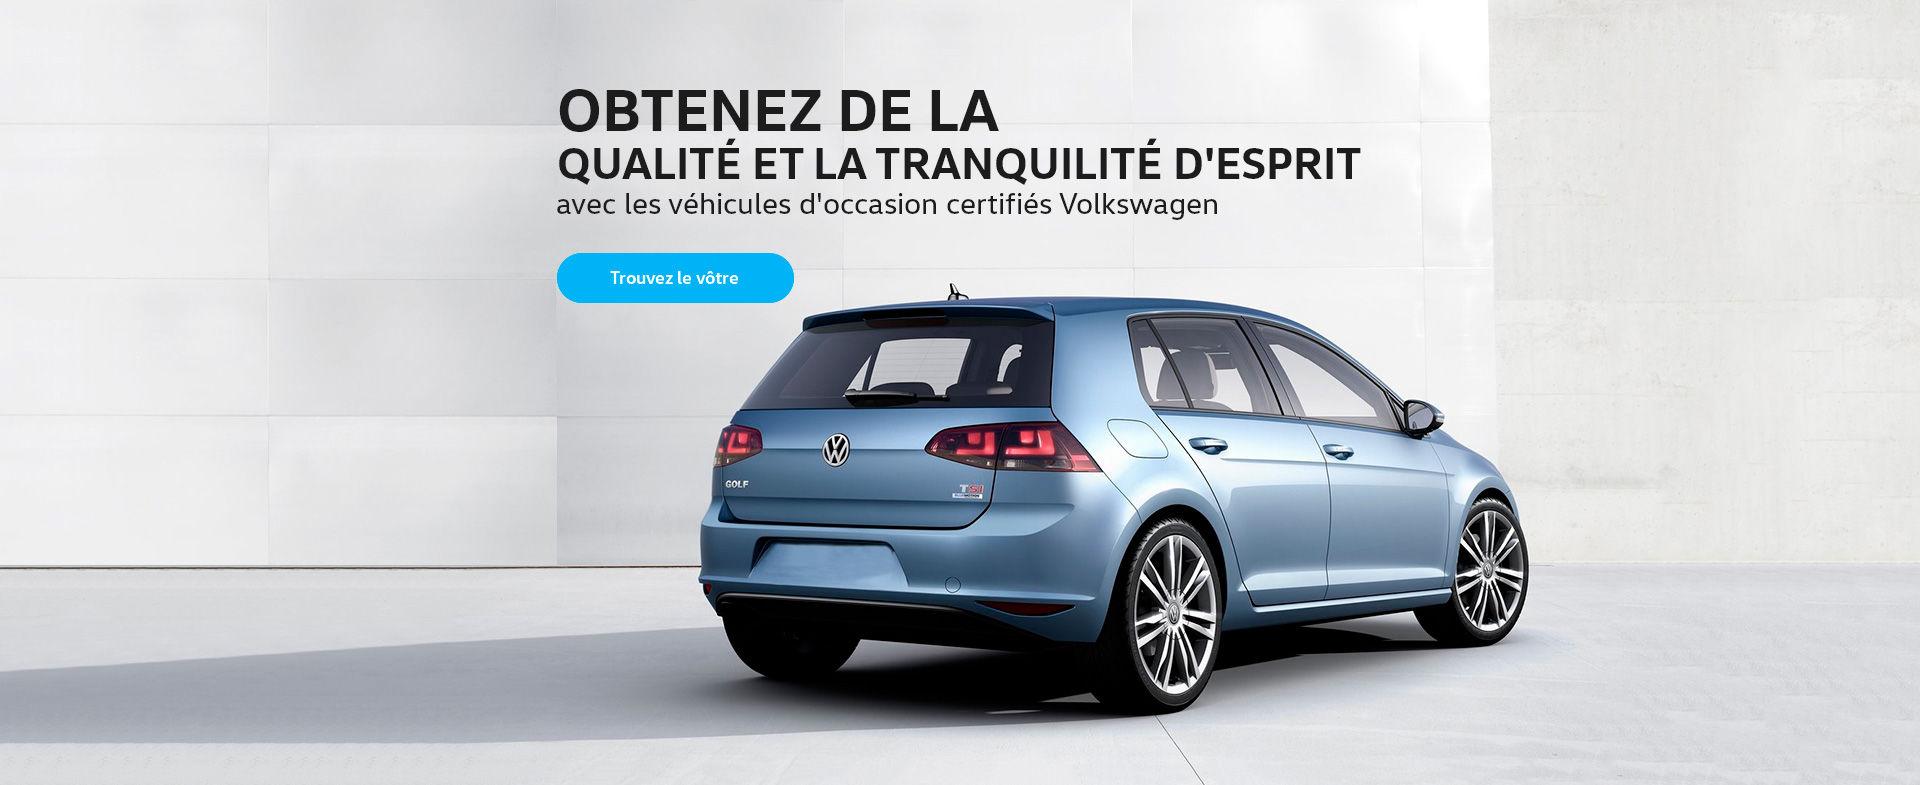 Véhicules d'occasion certifiés Volkswagen